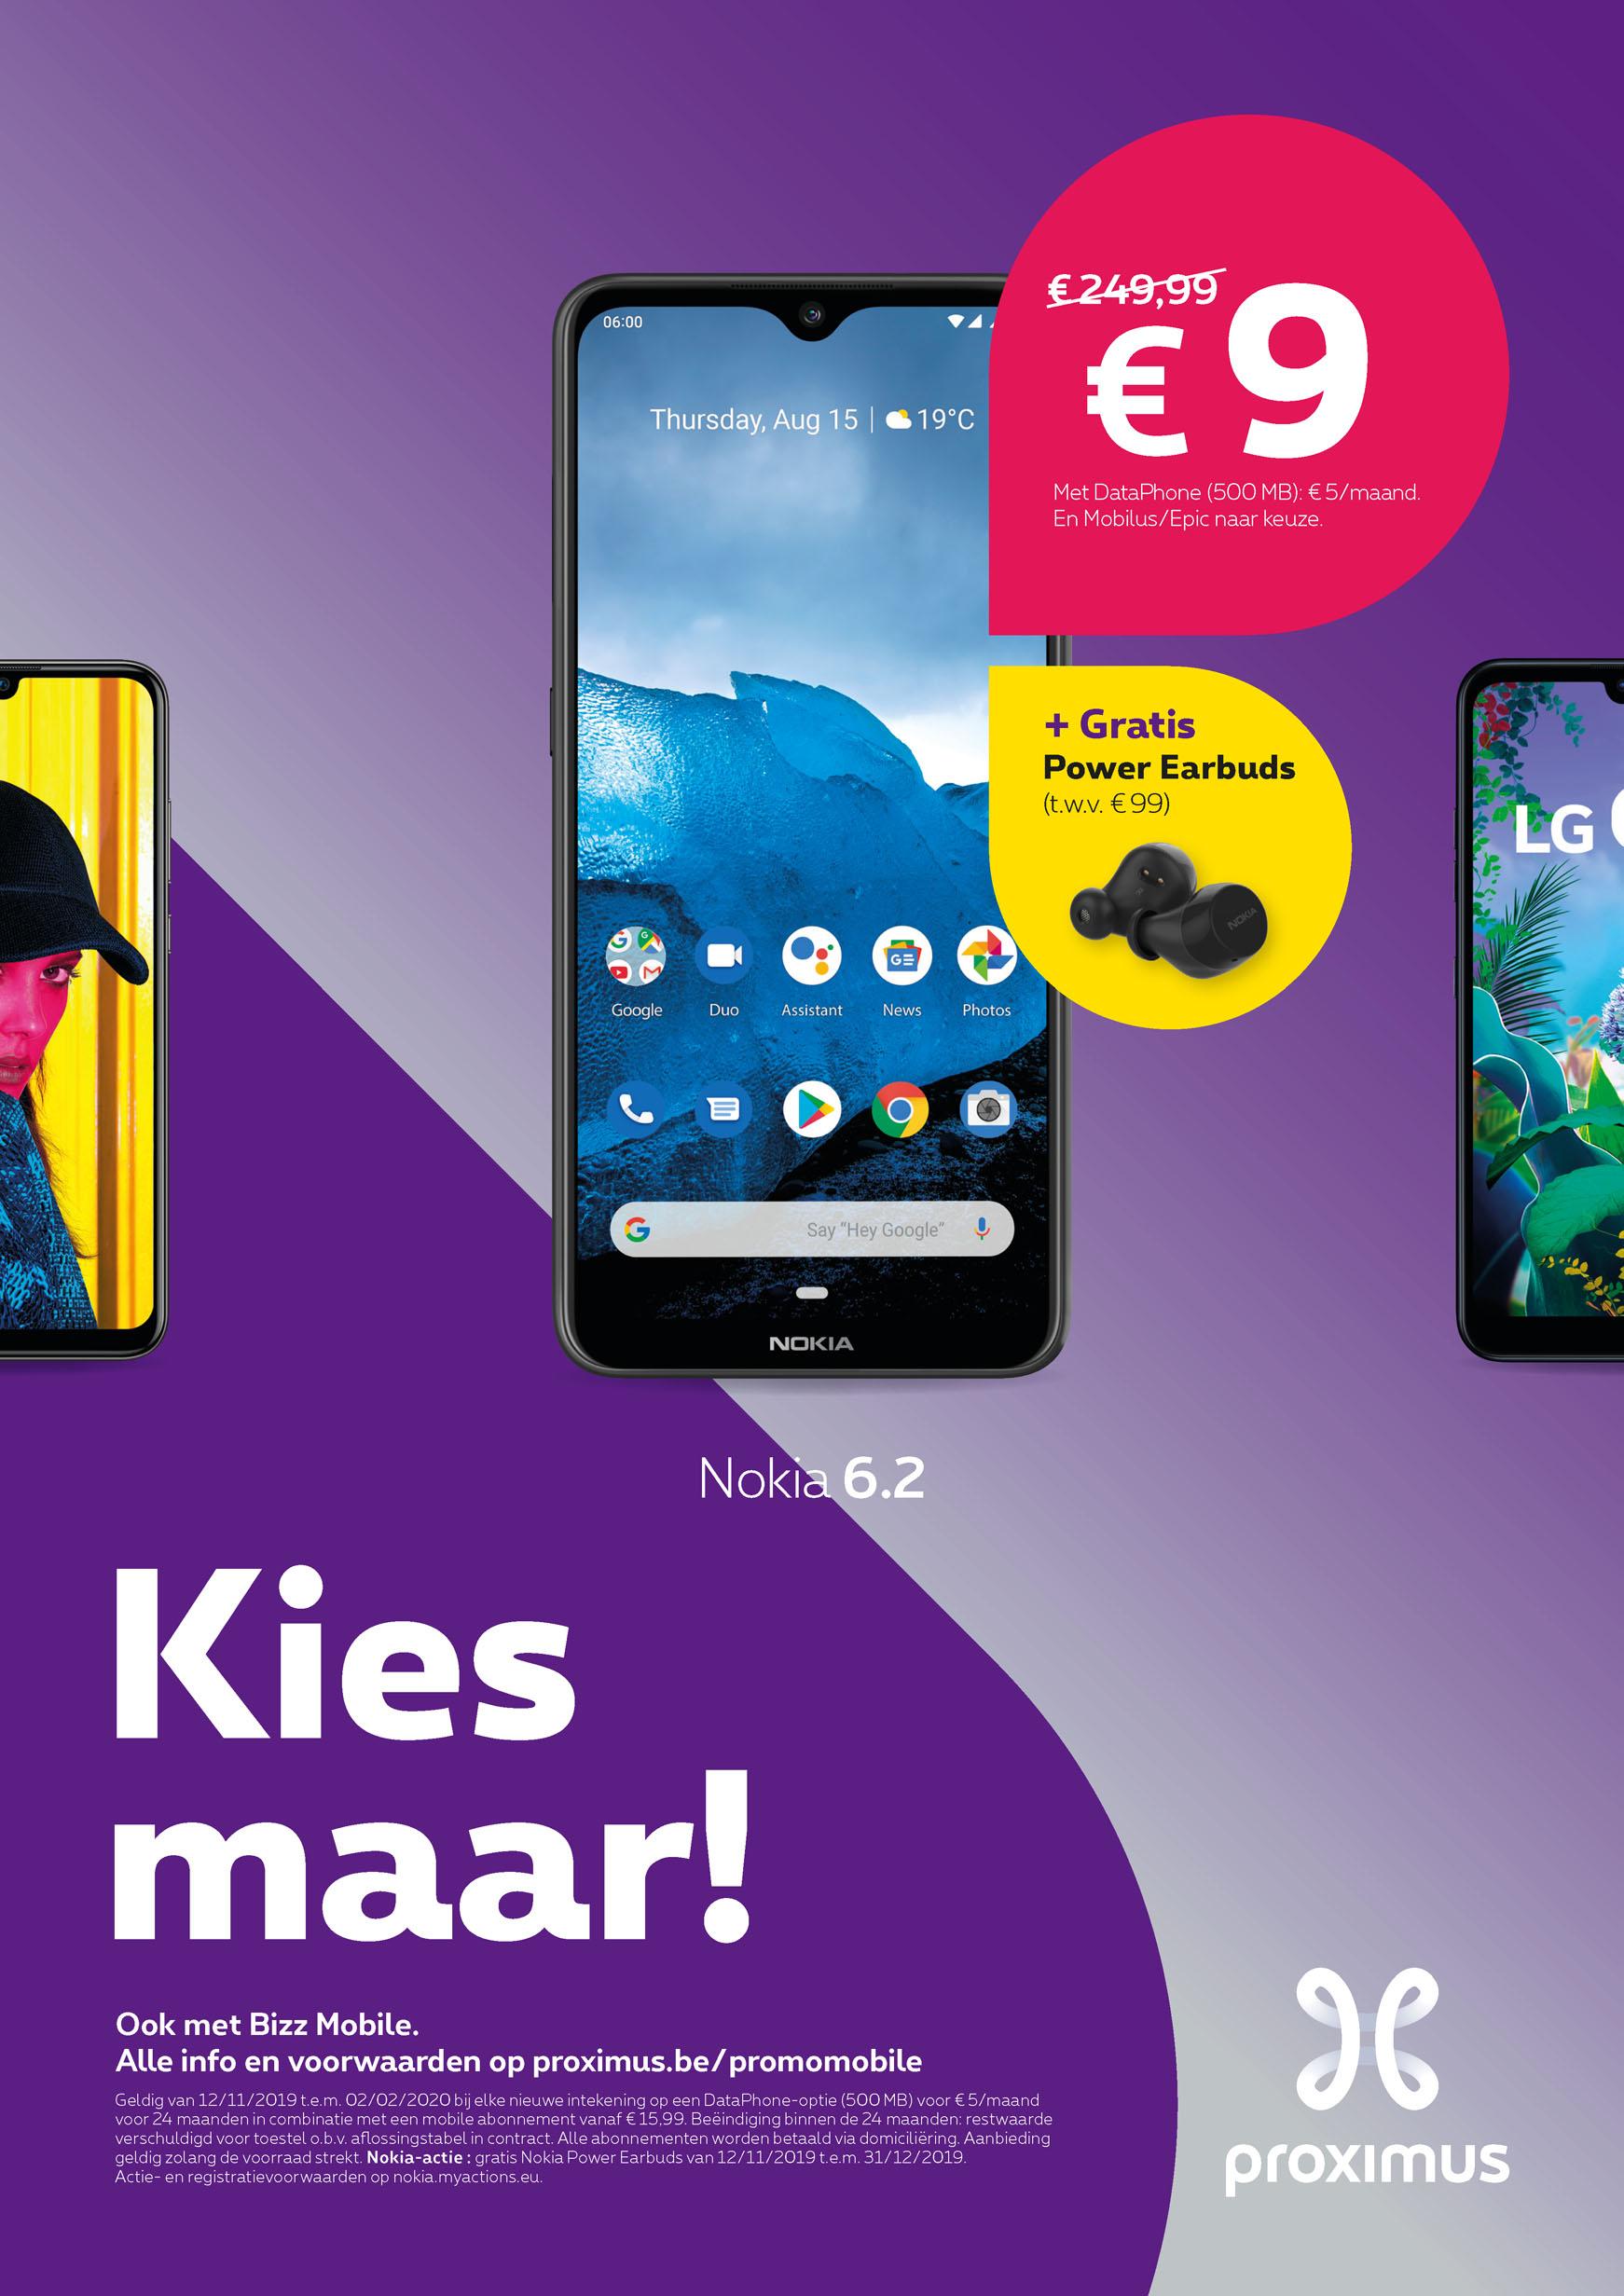 Promotions_JO_JO_Nokia_6